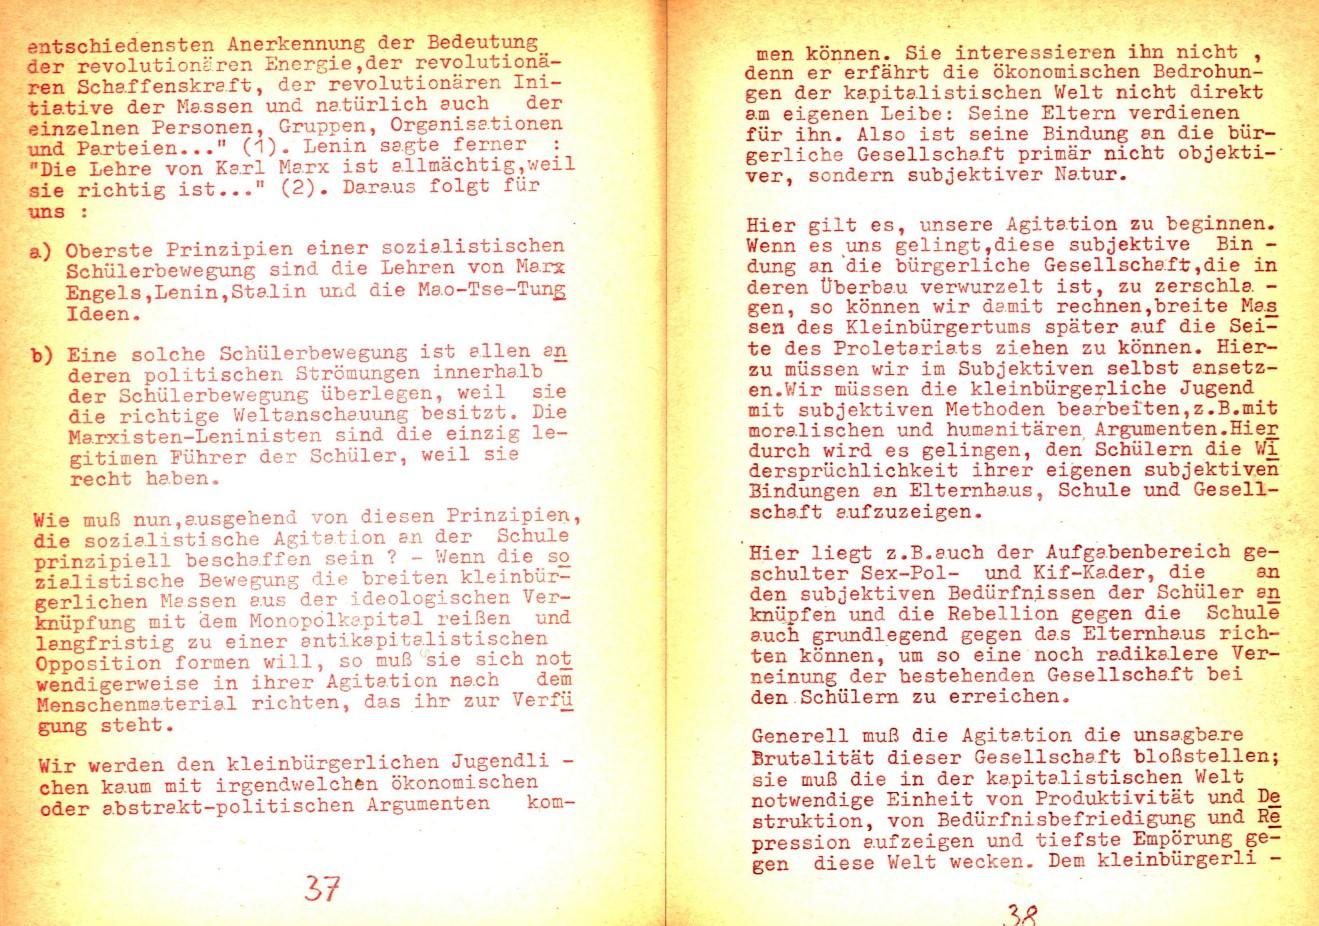 Berlin_SMV_Broschuere_Schulkampf_1969_21